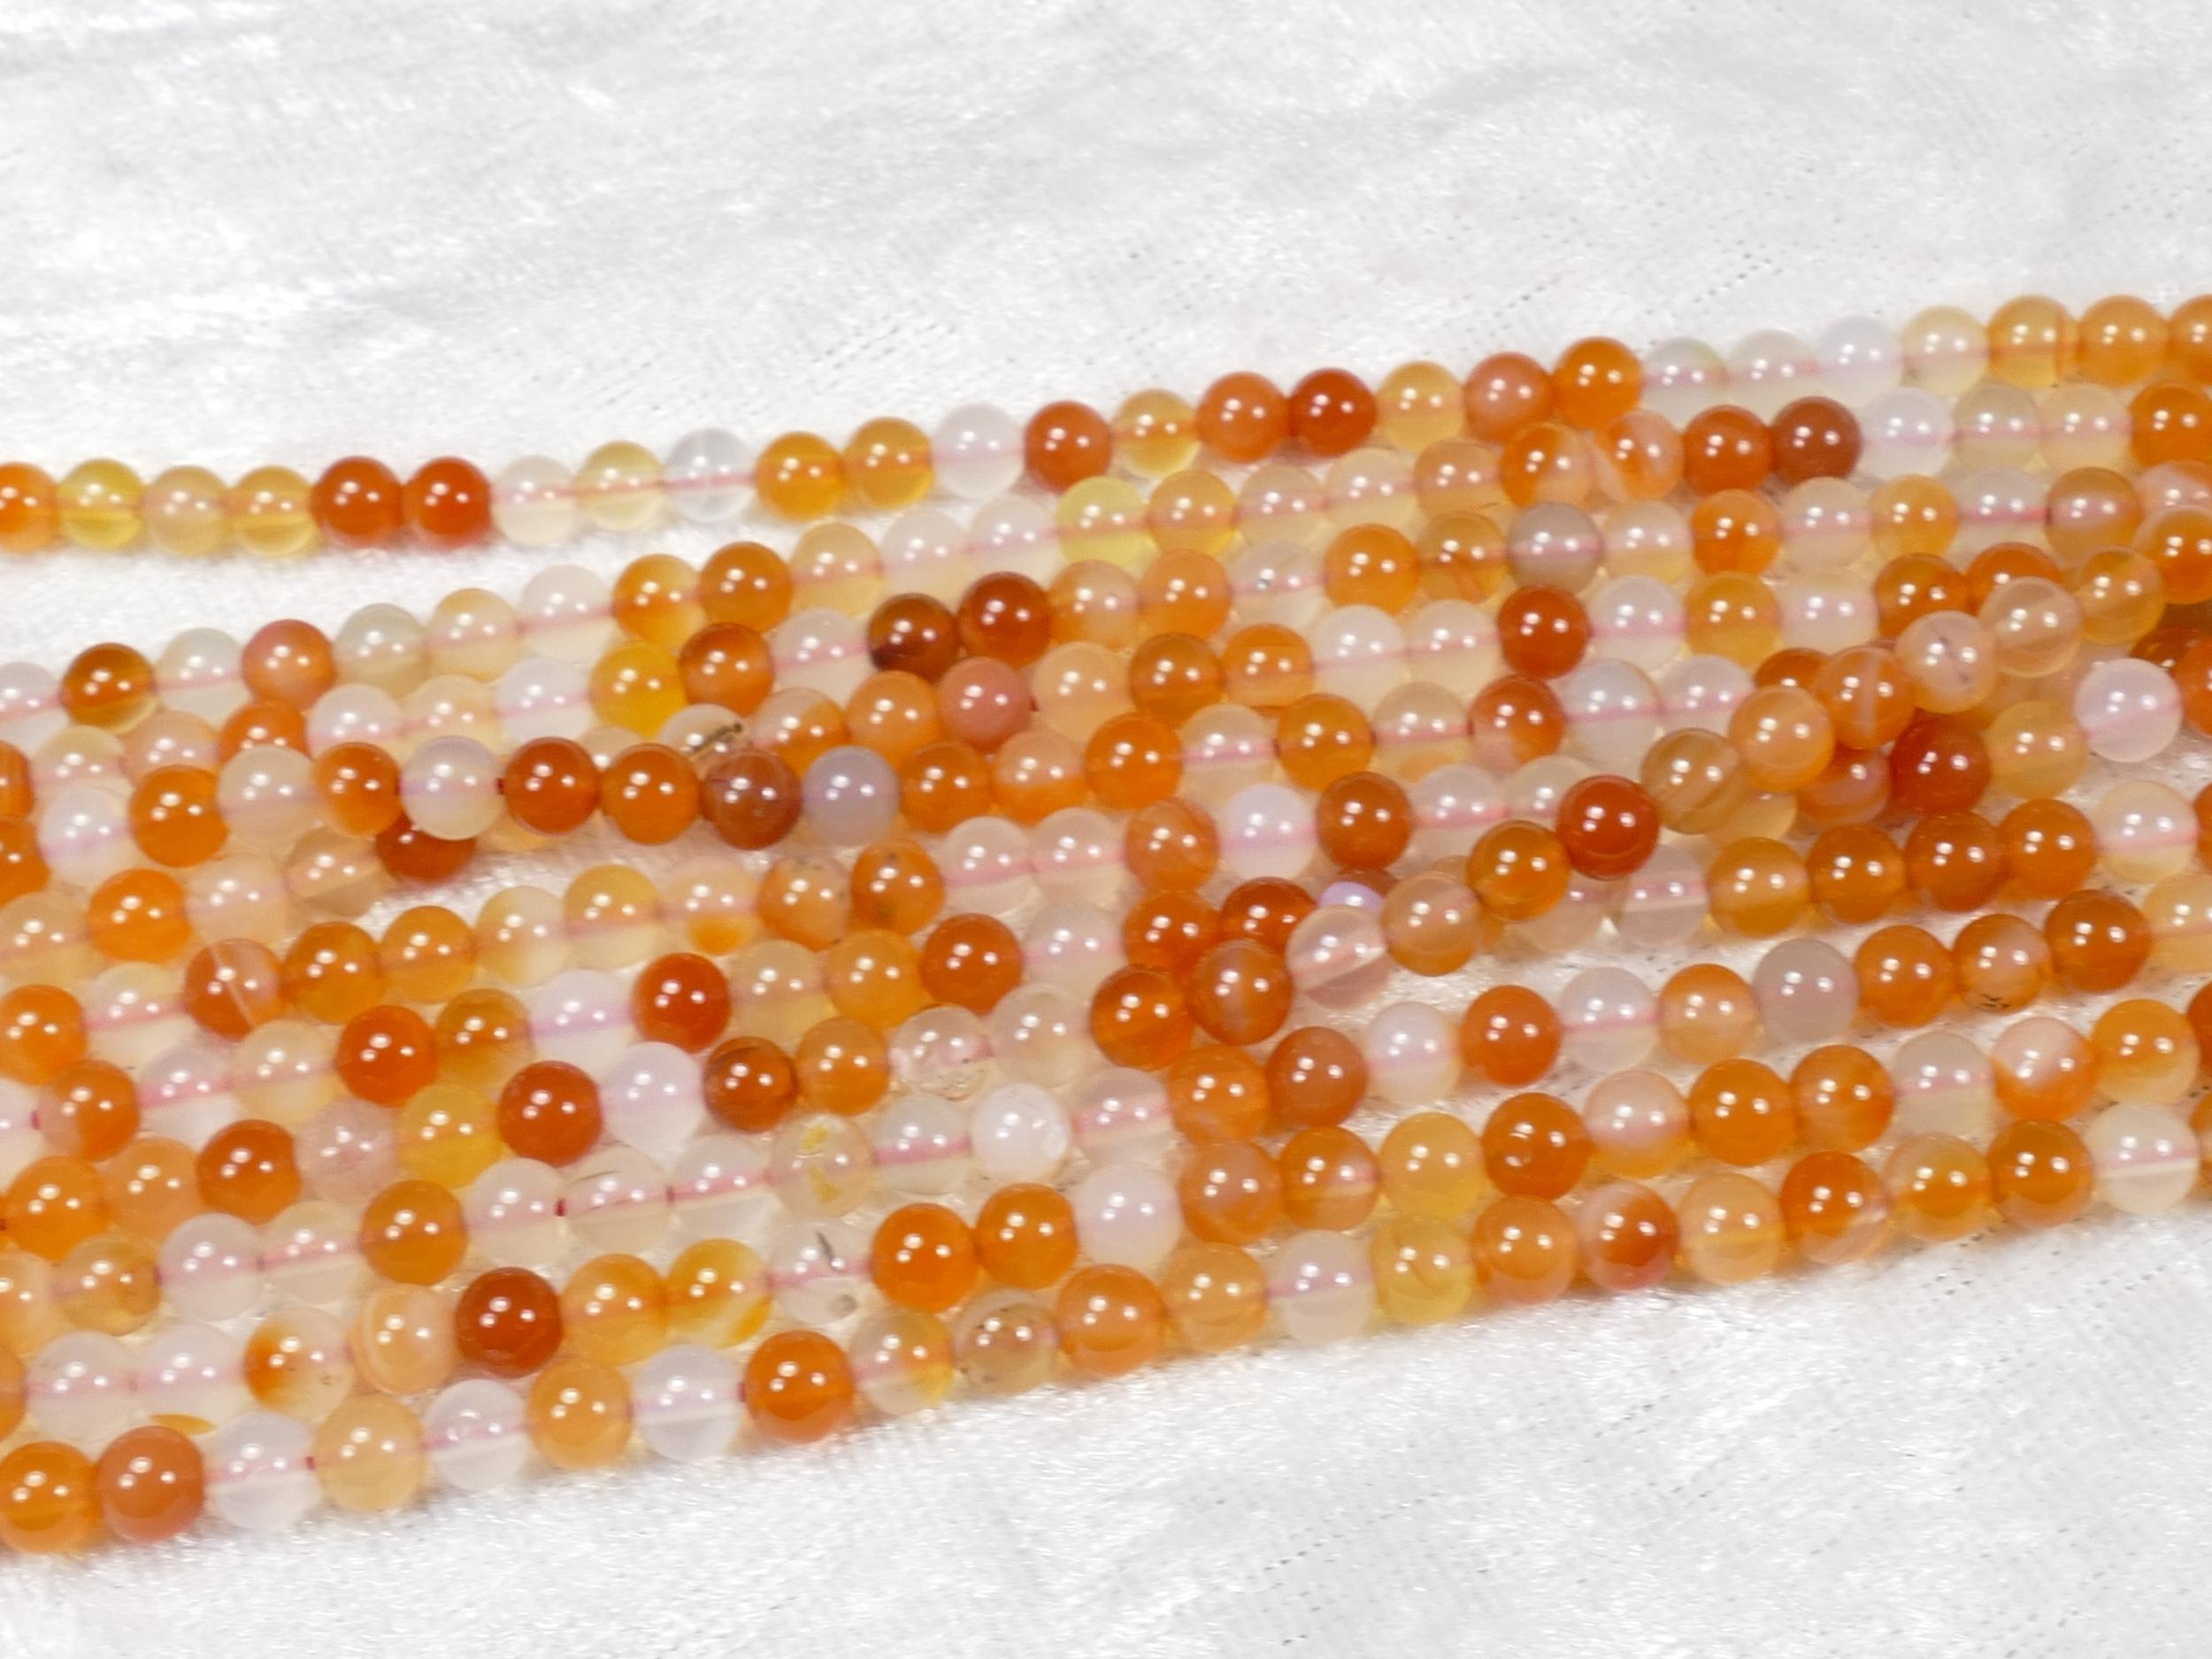 4.4mm Perle de Cornaline (Agate) naturelle boule / ronde du Brésil pour collier x39cm (15.3inch) (#AC817)